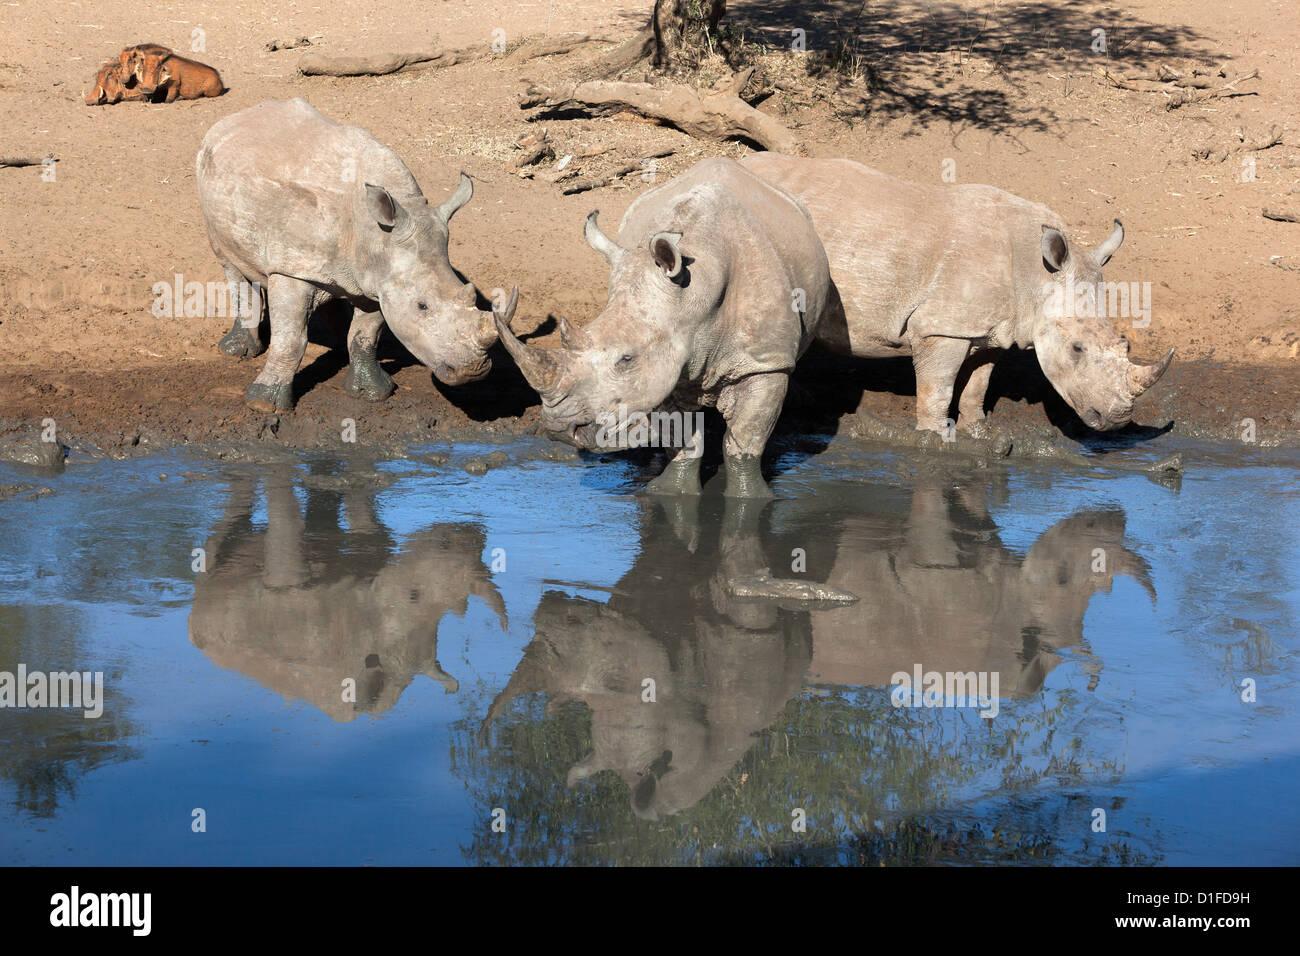 White rhinos (Ceratotherium simum), Mkhuze game reserve, Kwazulu Natal, South Africa, Africa - Stock Image